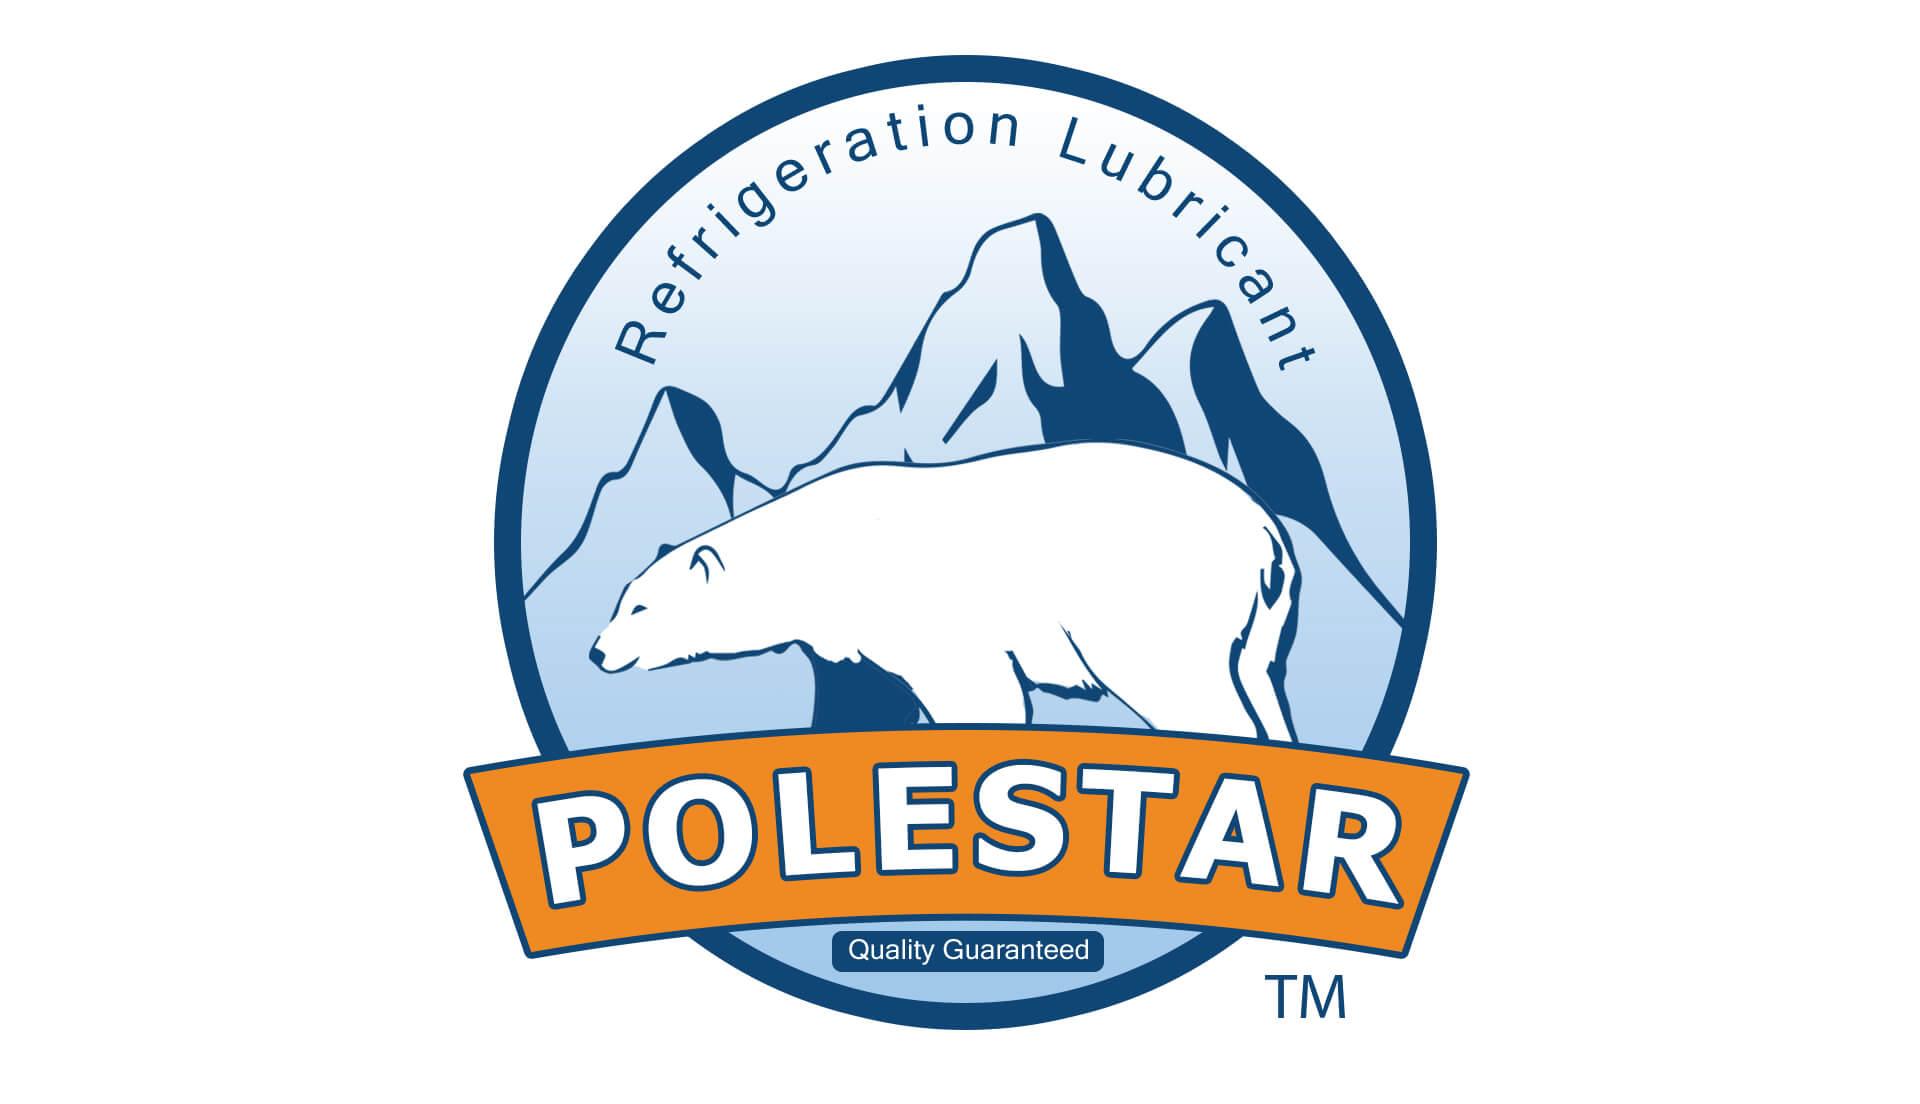 waleed-sayed-polestar